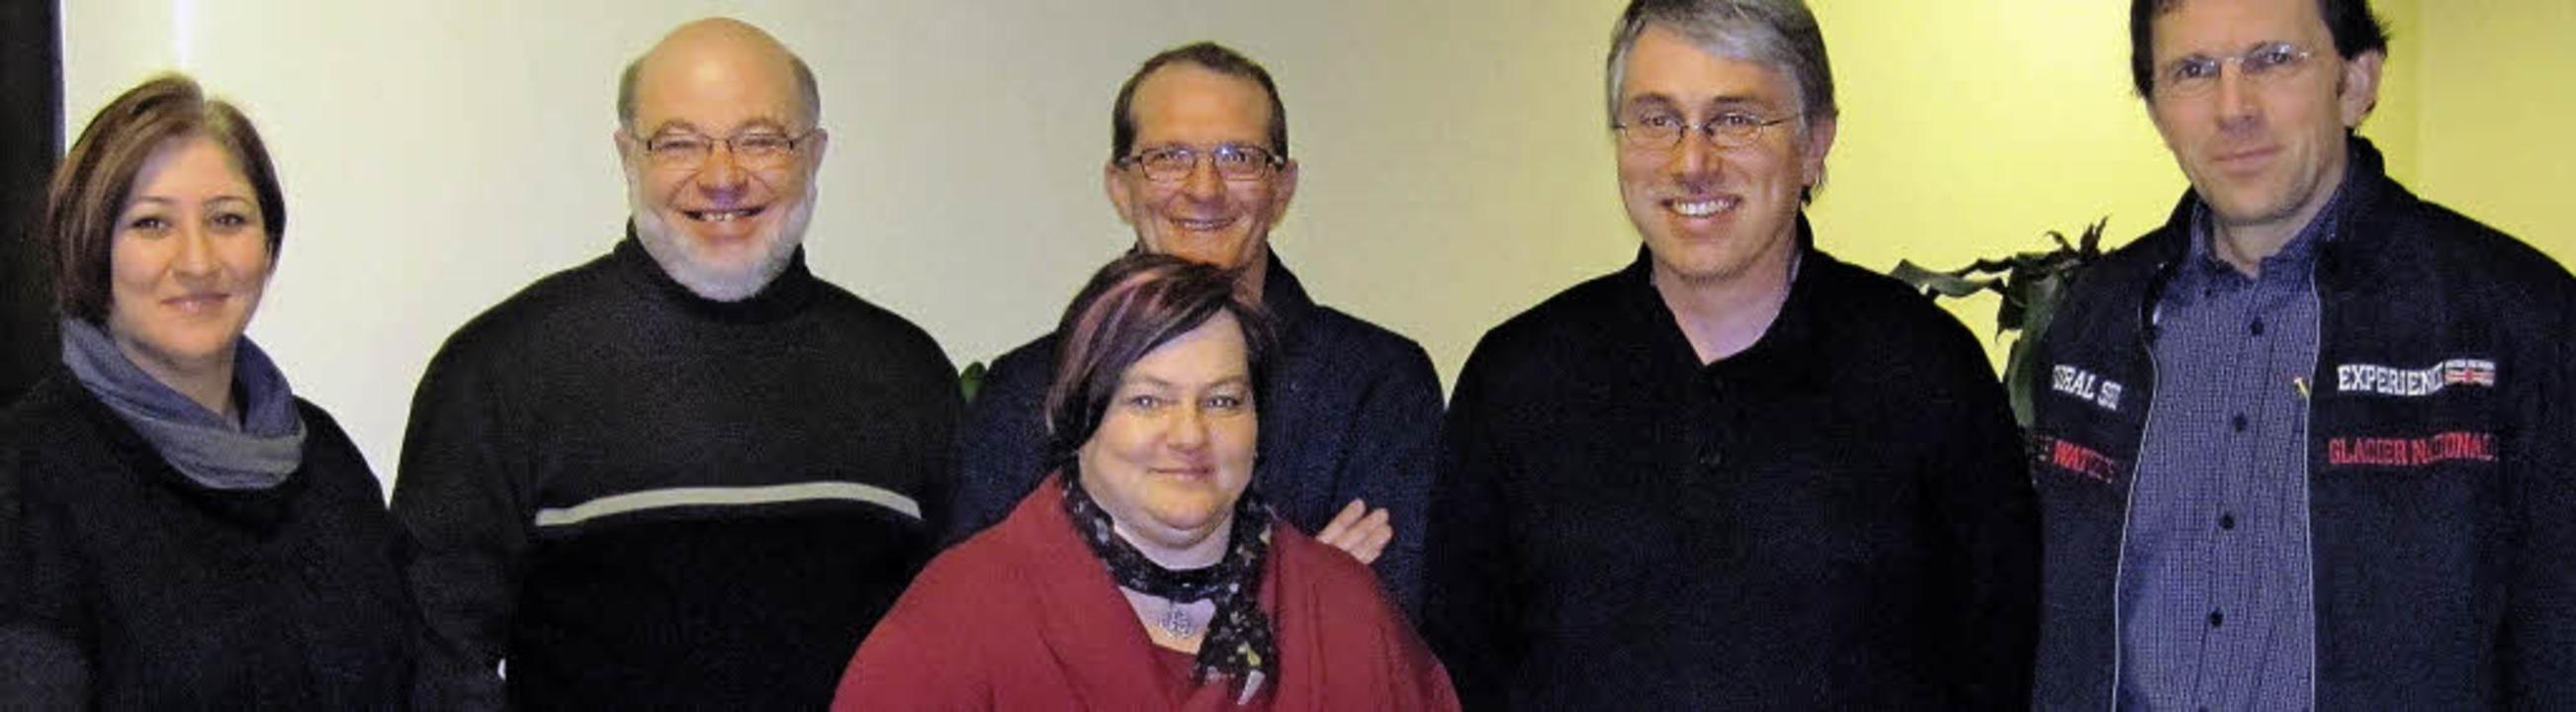 Sie bilden den Vorstand des Fördervere...Simon. Es fehlt Dr. Thorsten Hoffmann   | Foto: Privat